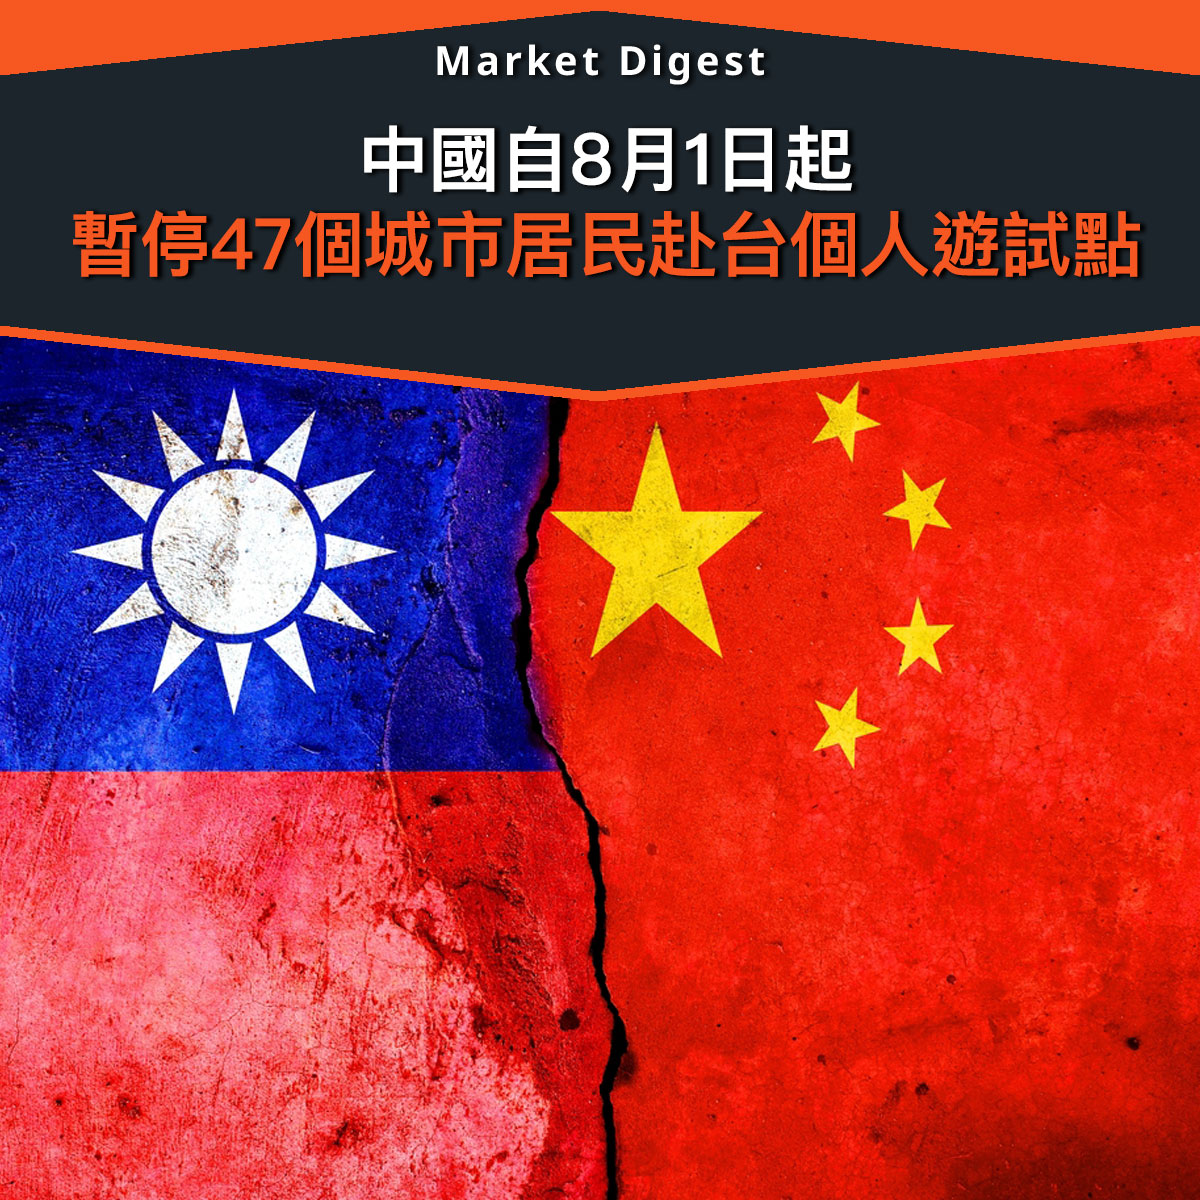 【兩岸關係】中國自8月1日起,暫停47個城市居民赴台個人遊試點